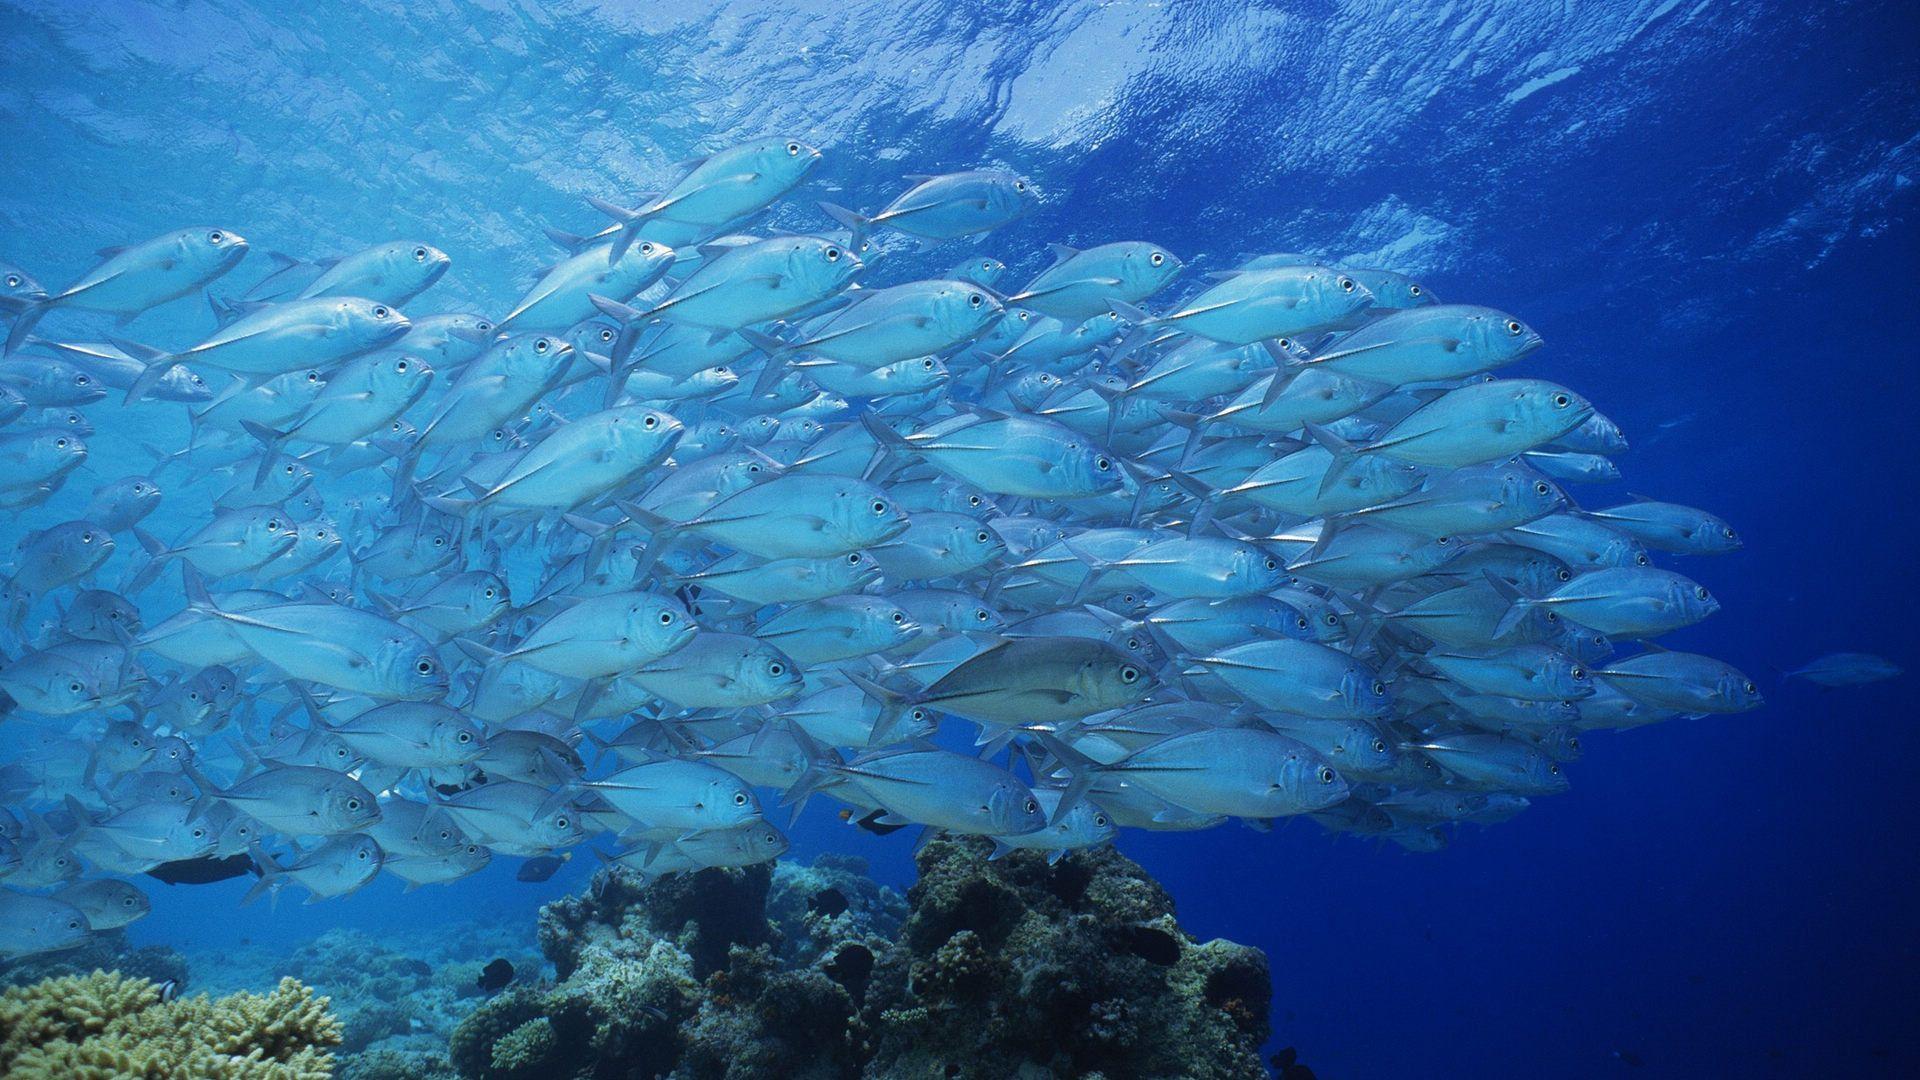 Картинки с морскими видами